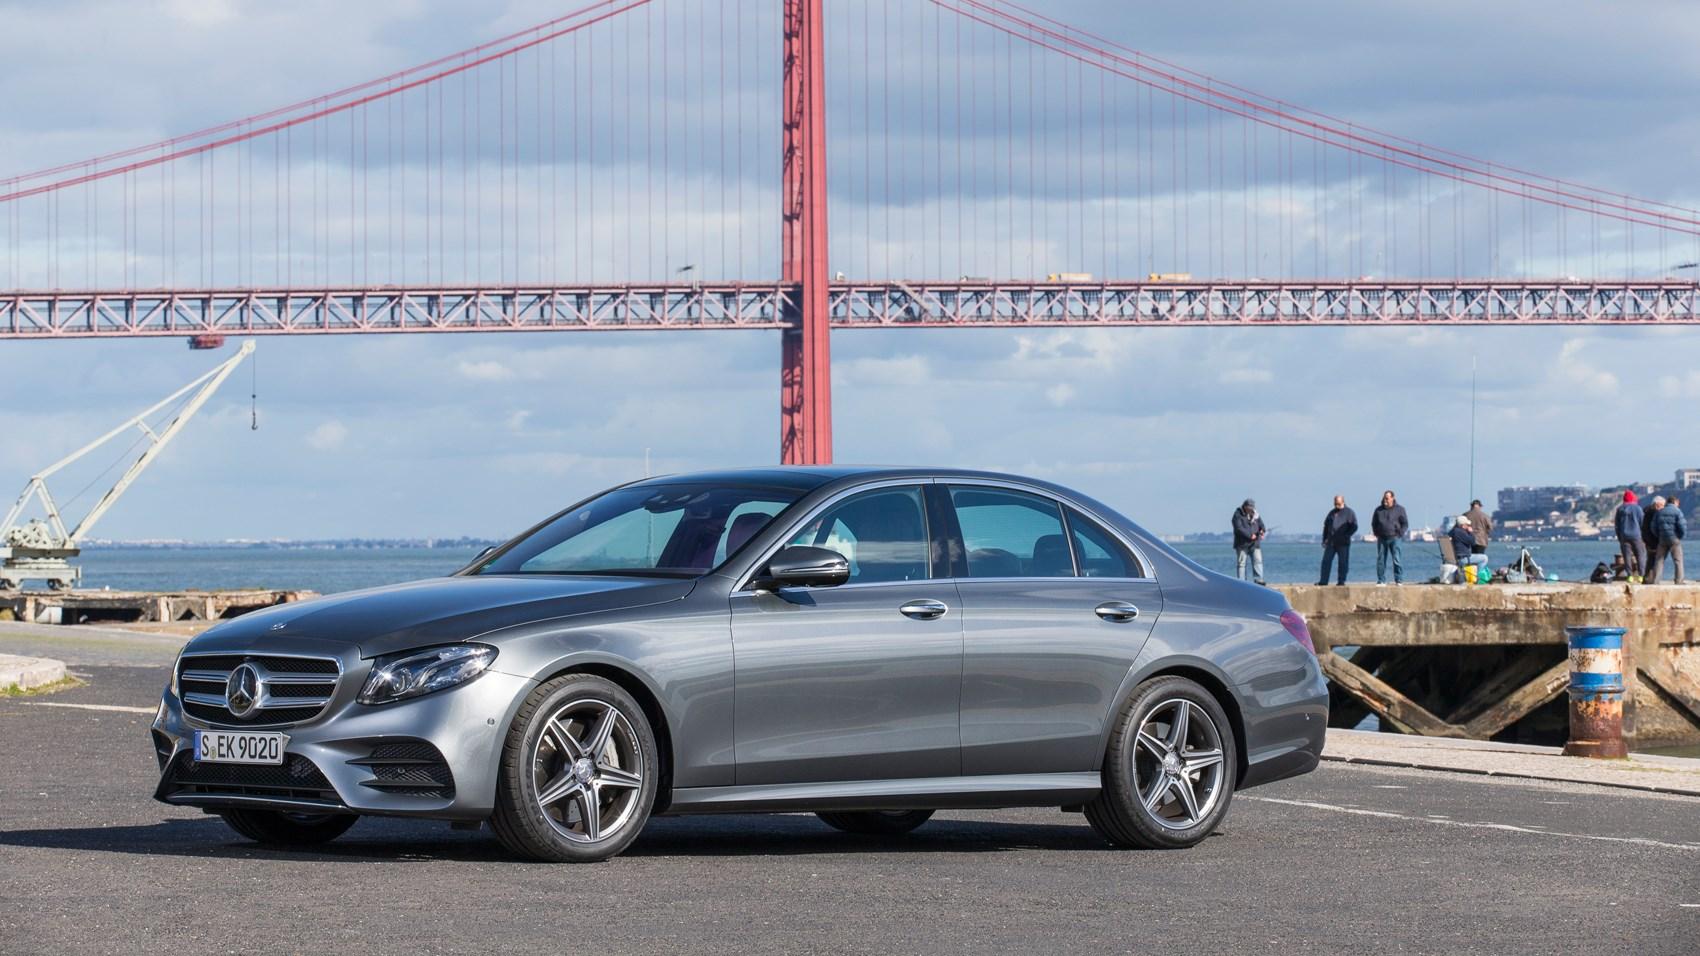 Mercedes a class sport lease deals